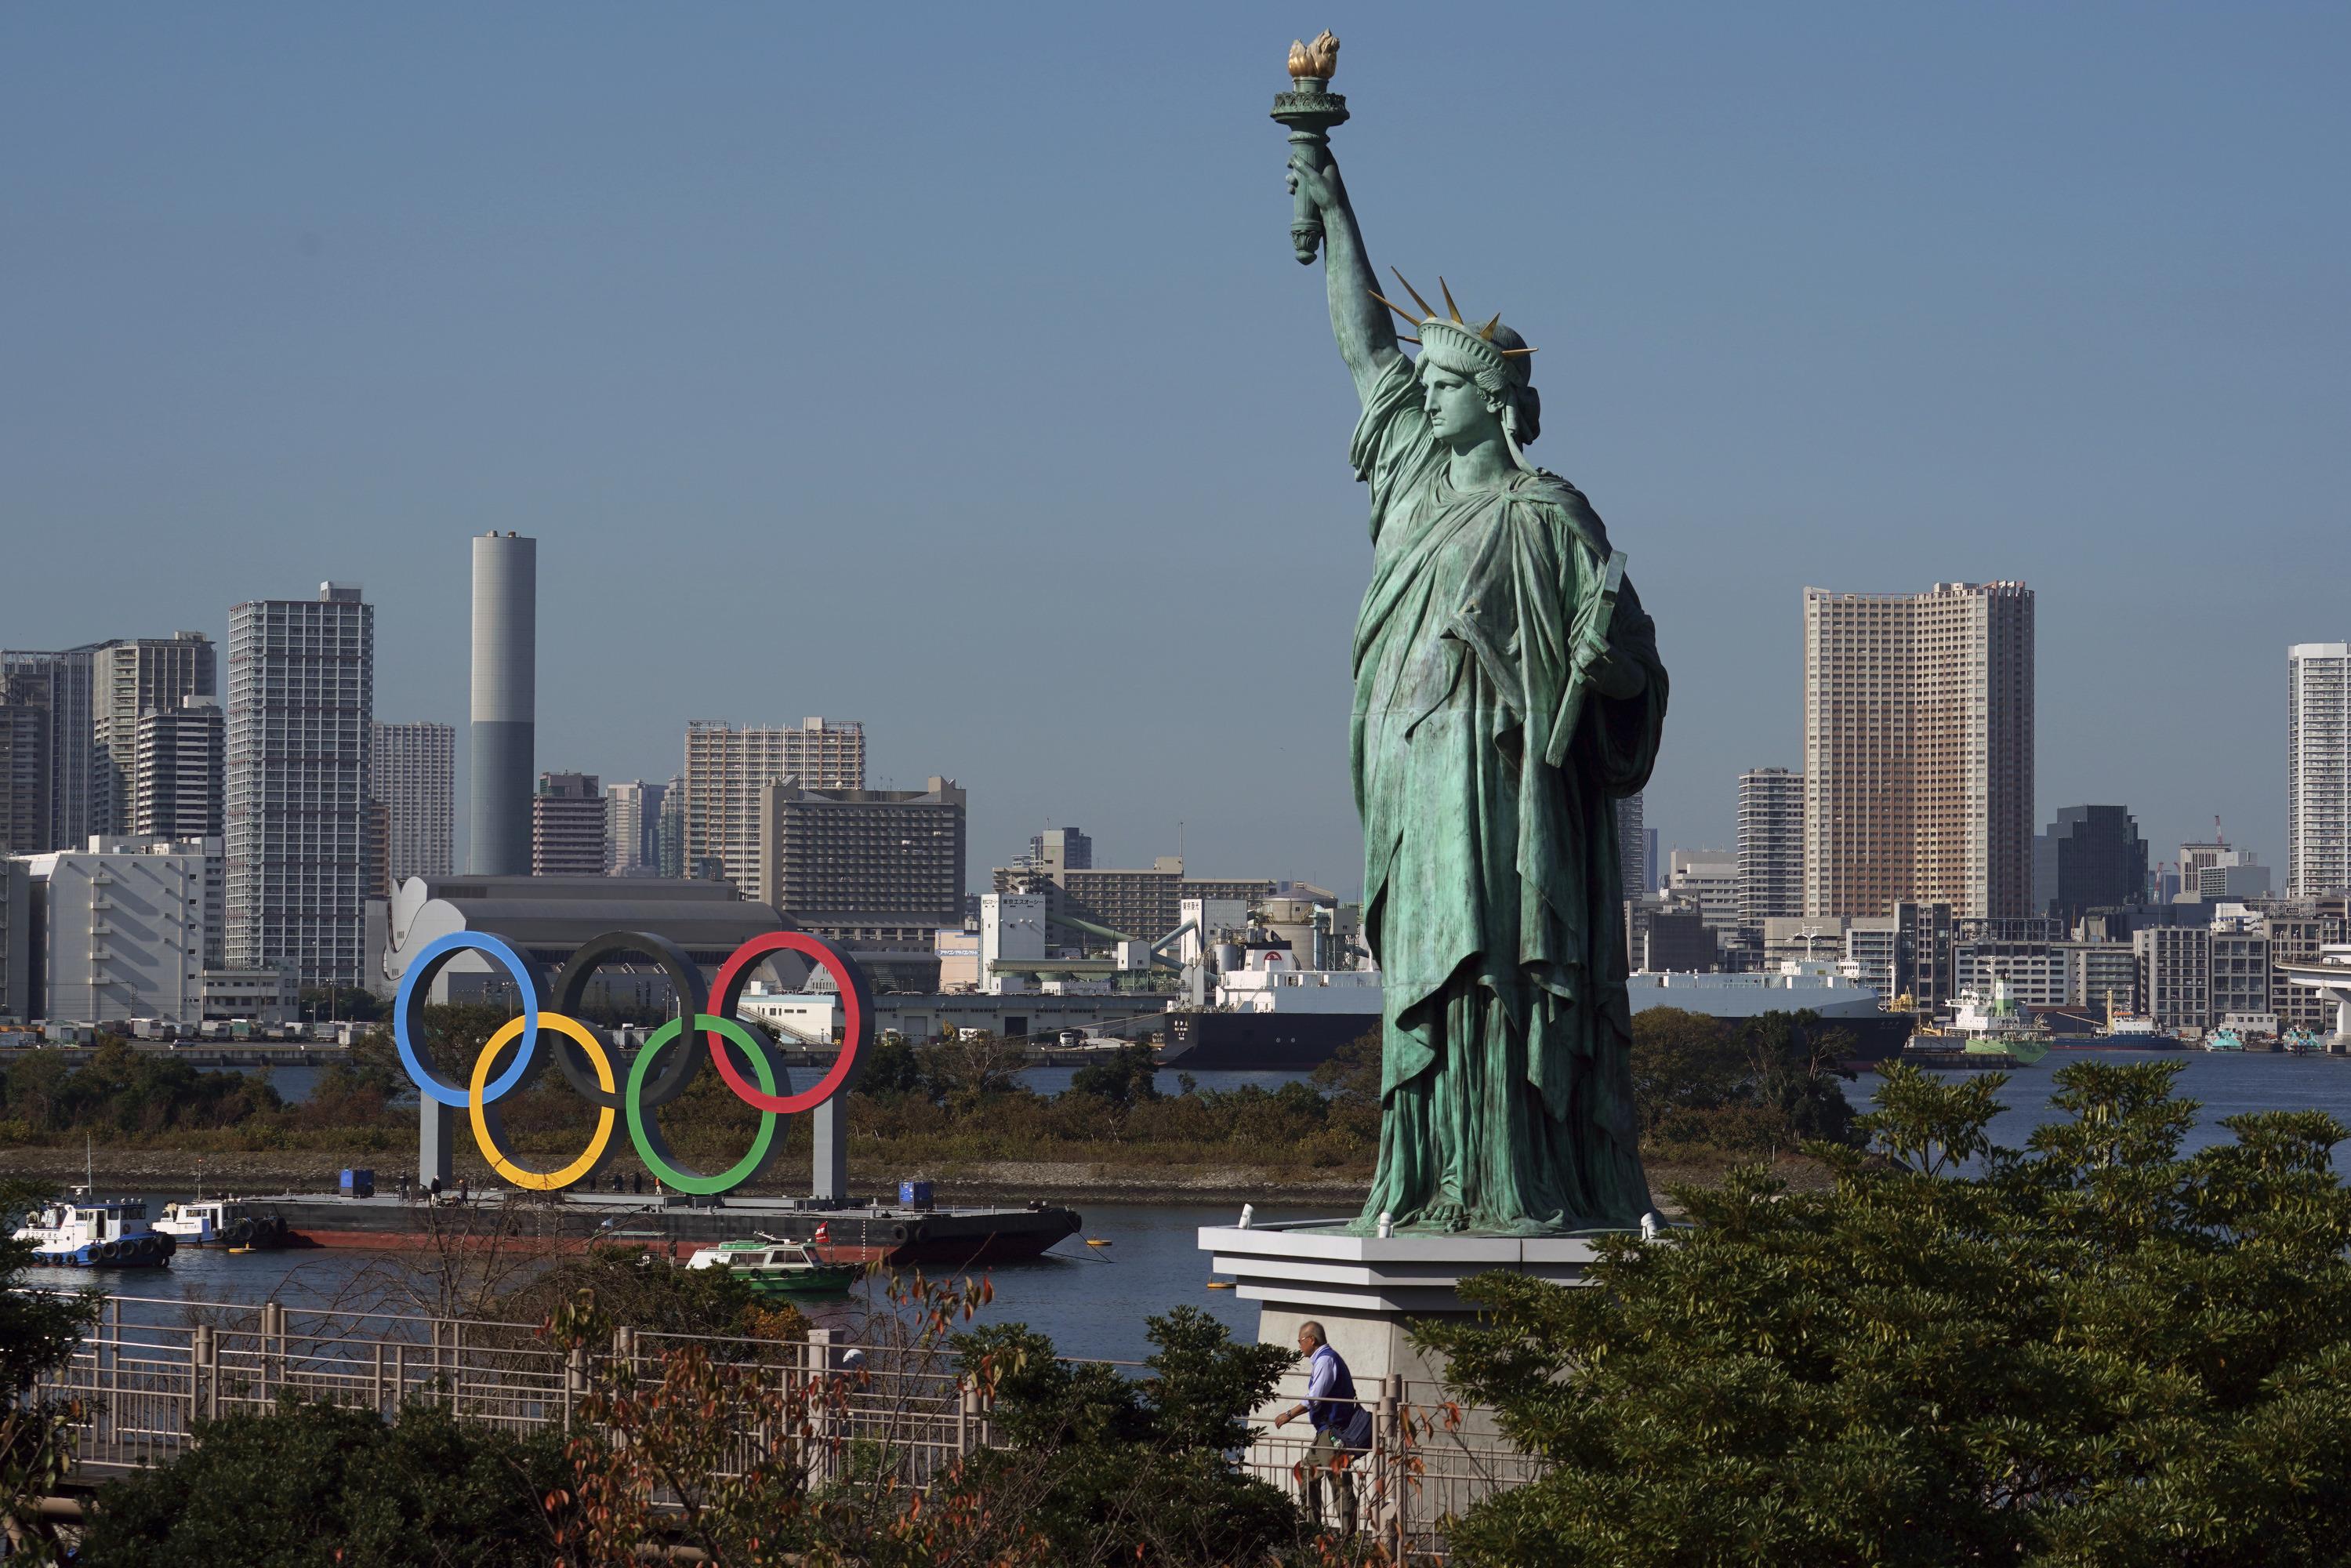 Токио в ожидании Олимпийских игр (да, там есть своя статуя Свободы, она в четыре раза меньше американского оригинала)